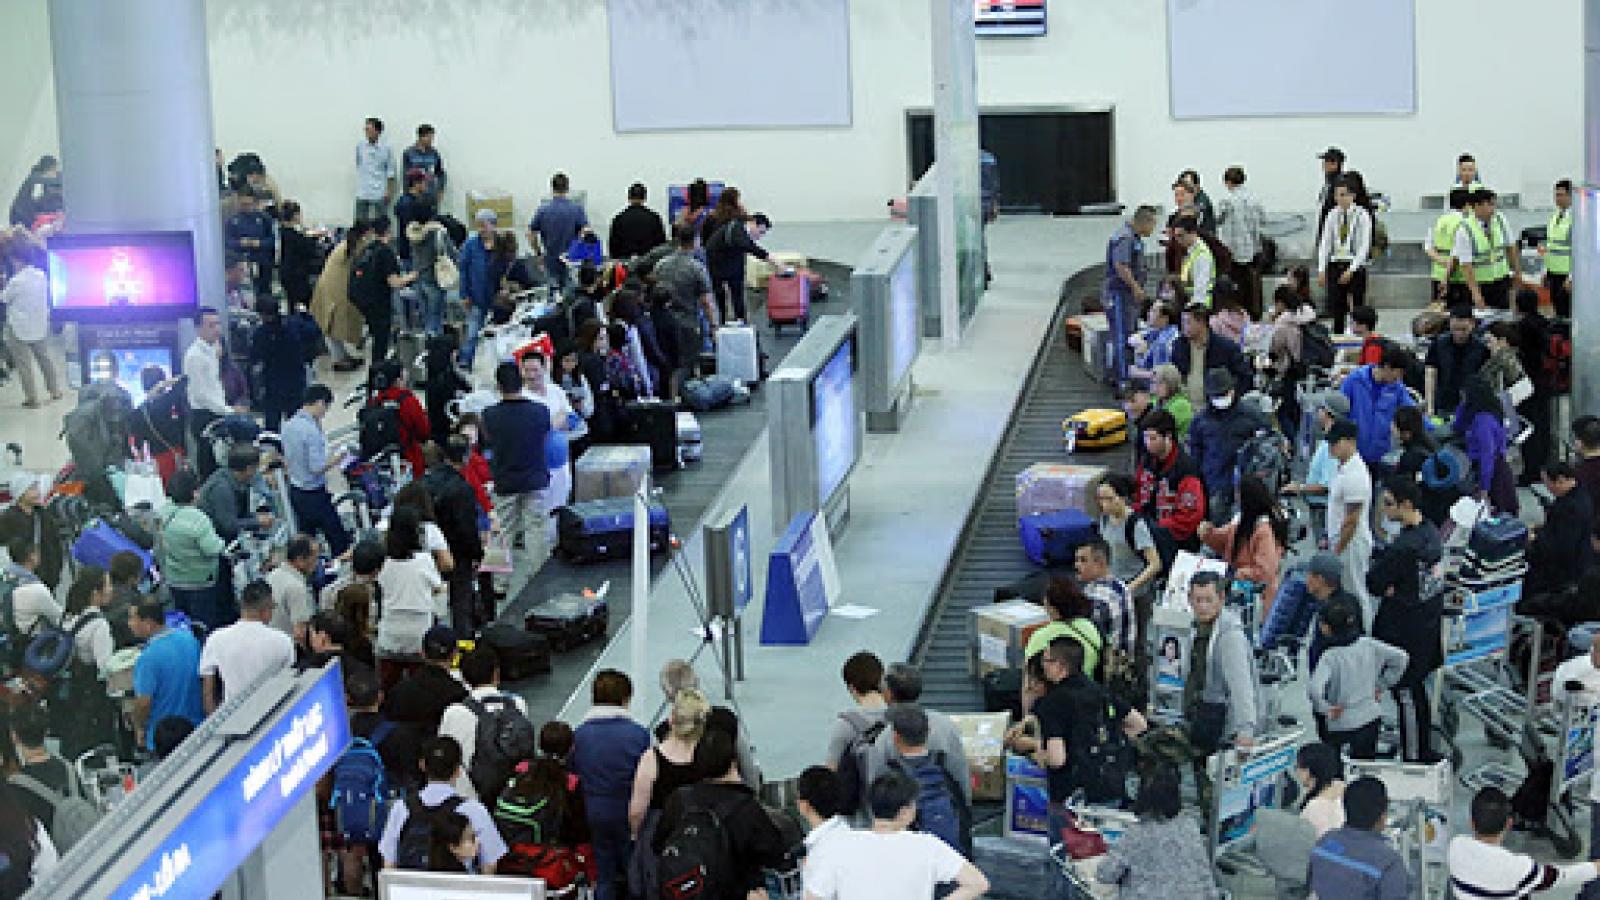 Cấm bay 12 tháng với nữ hành khách đánh nhau tại băng chuyền lấy hành lý